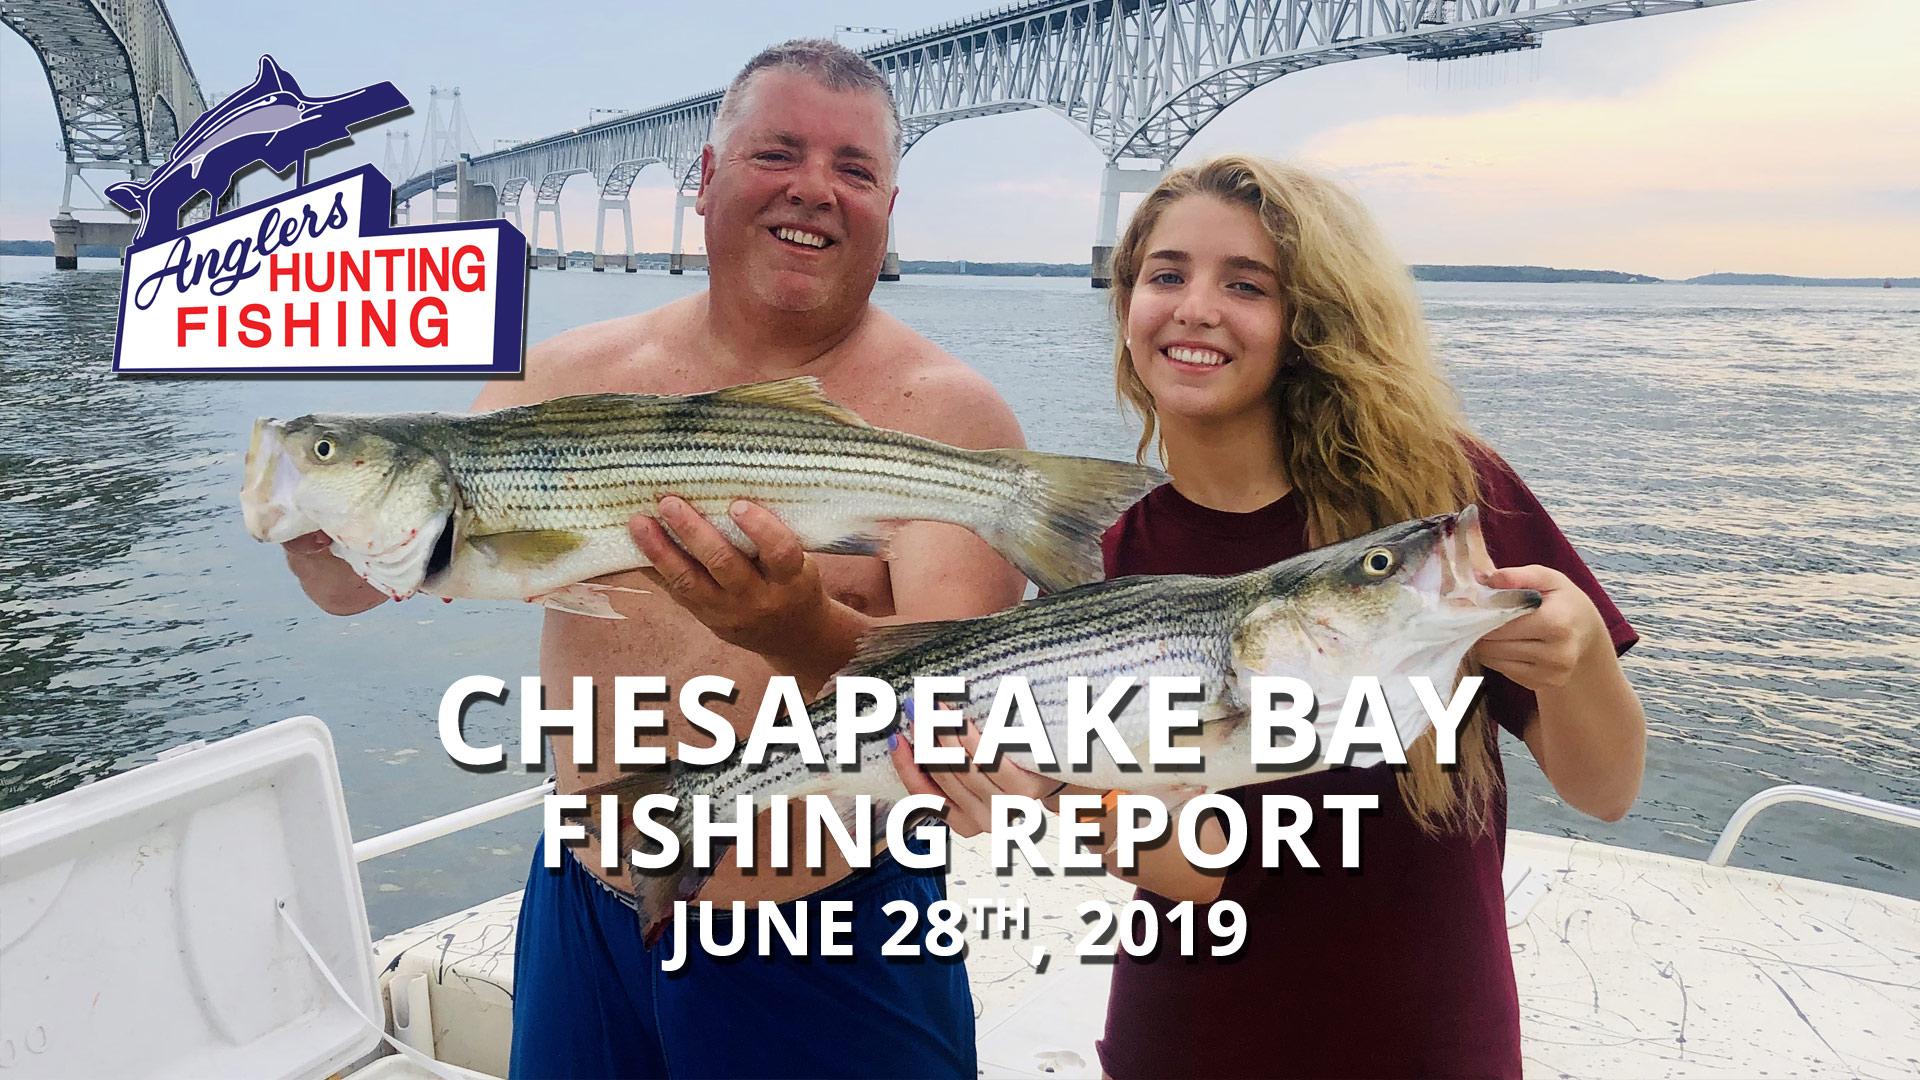 Chesapeake Bay Fishing Report - June 28th, 2019